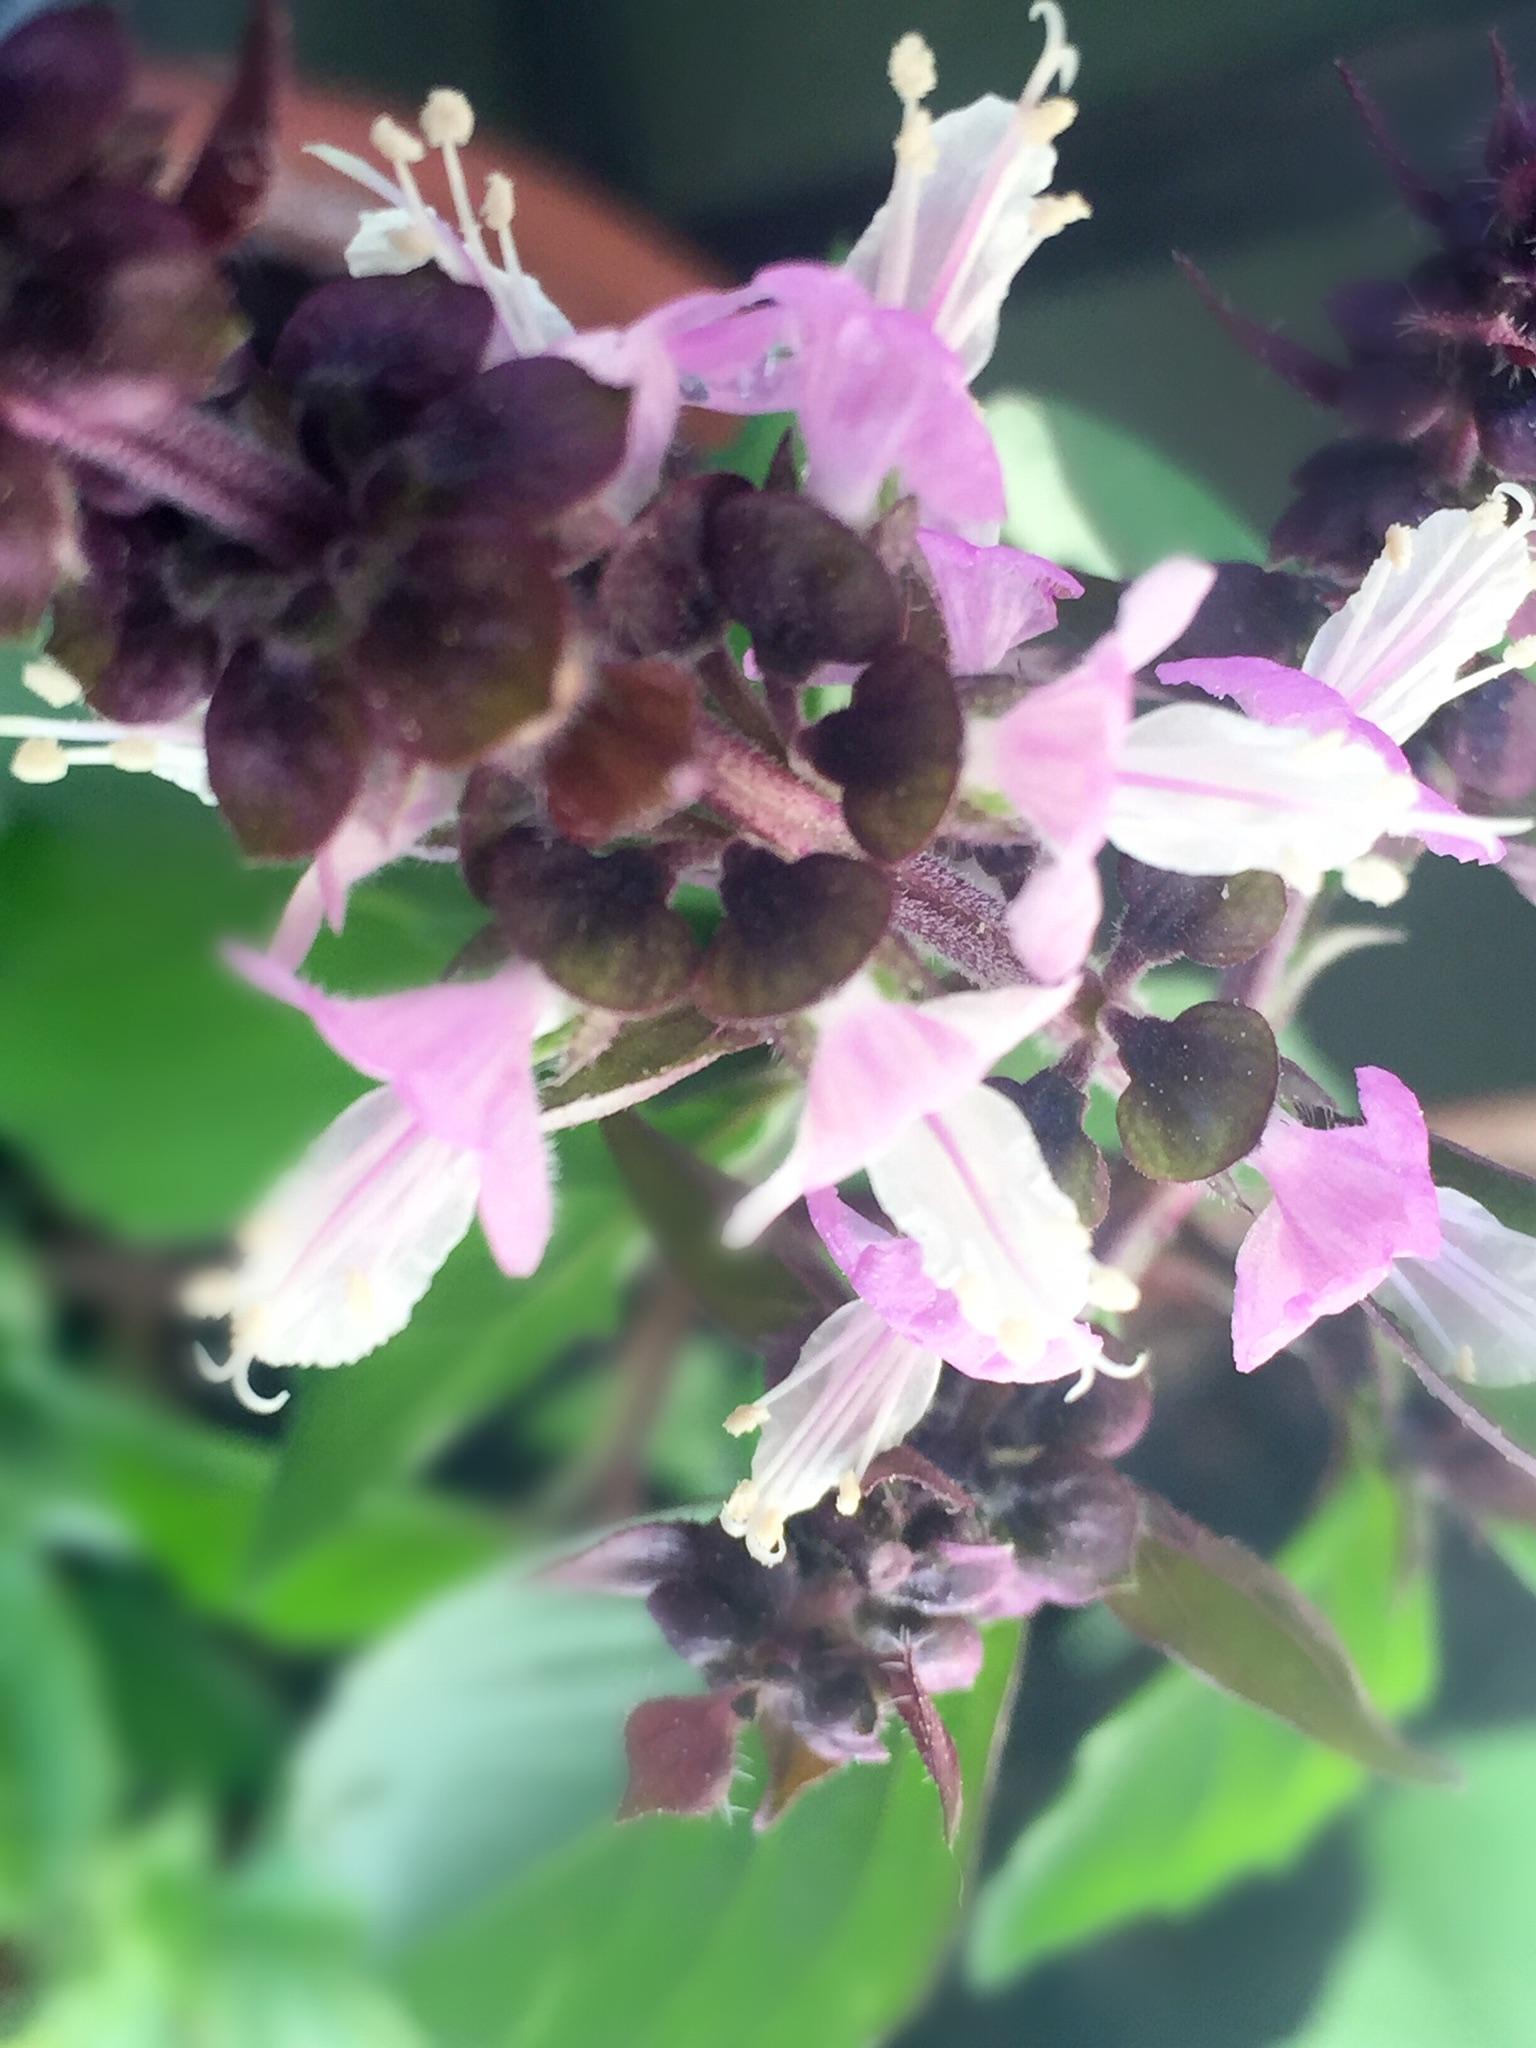 Basil in bloom